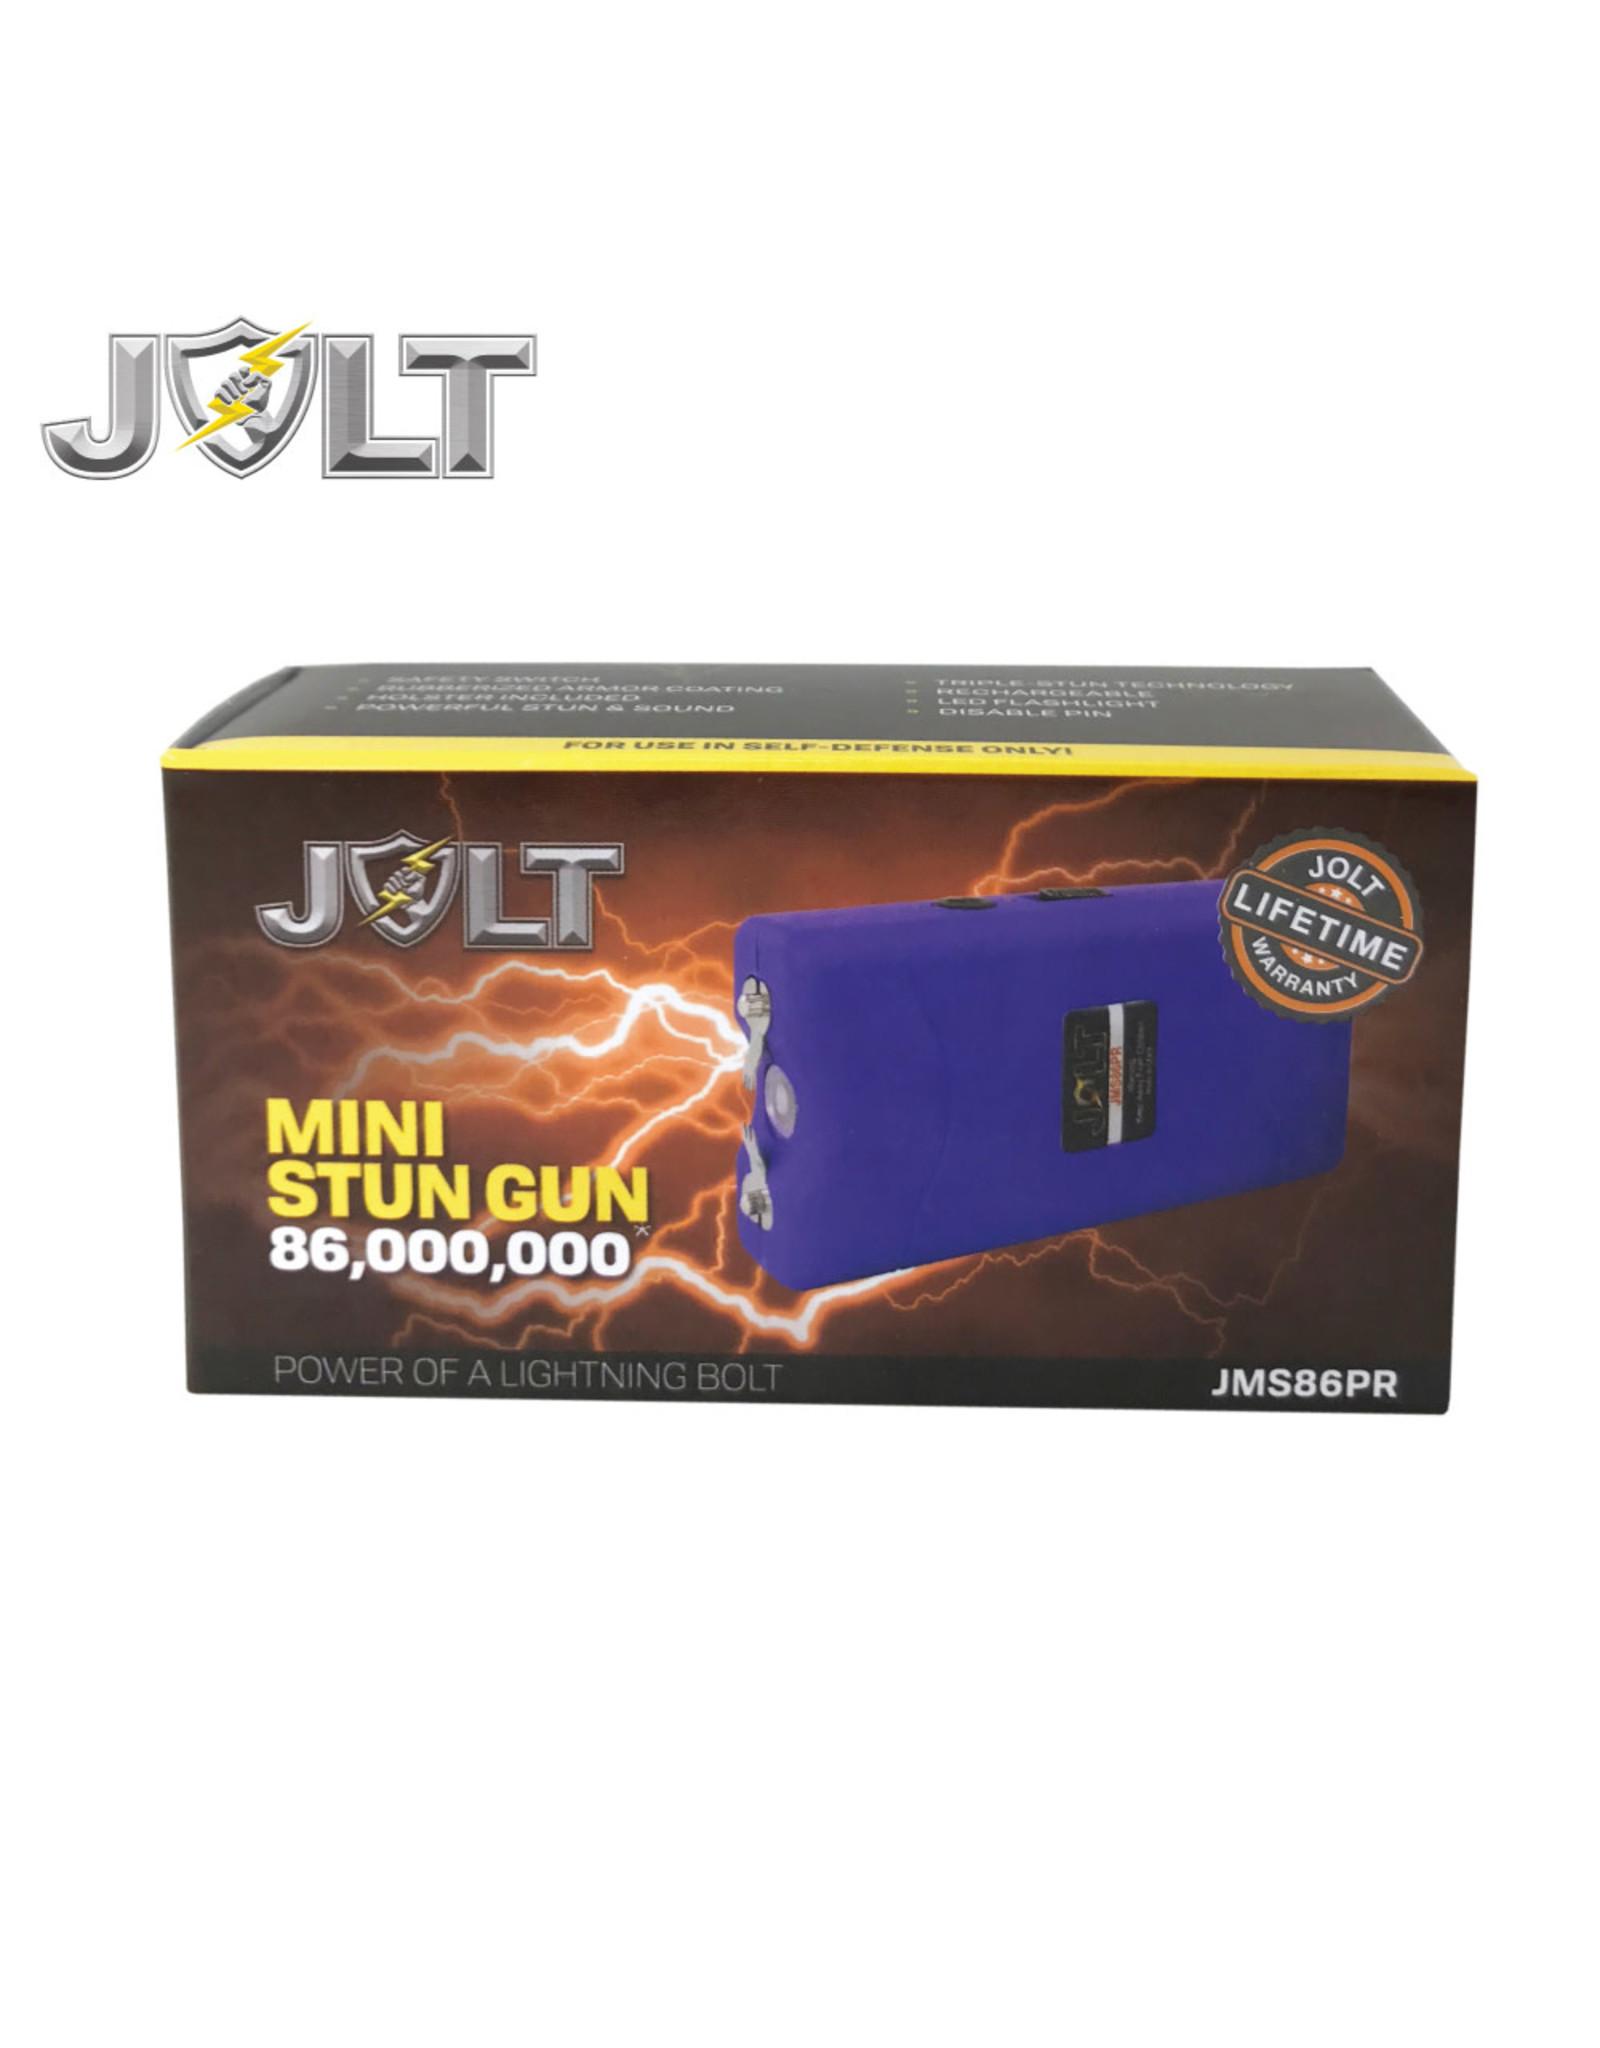 Jolt JOLT 86M MINI STUN GUN PURPLE